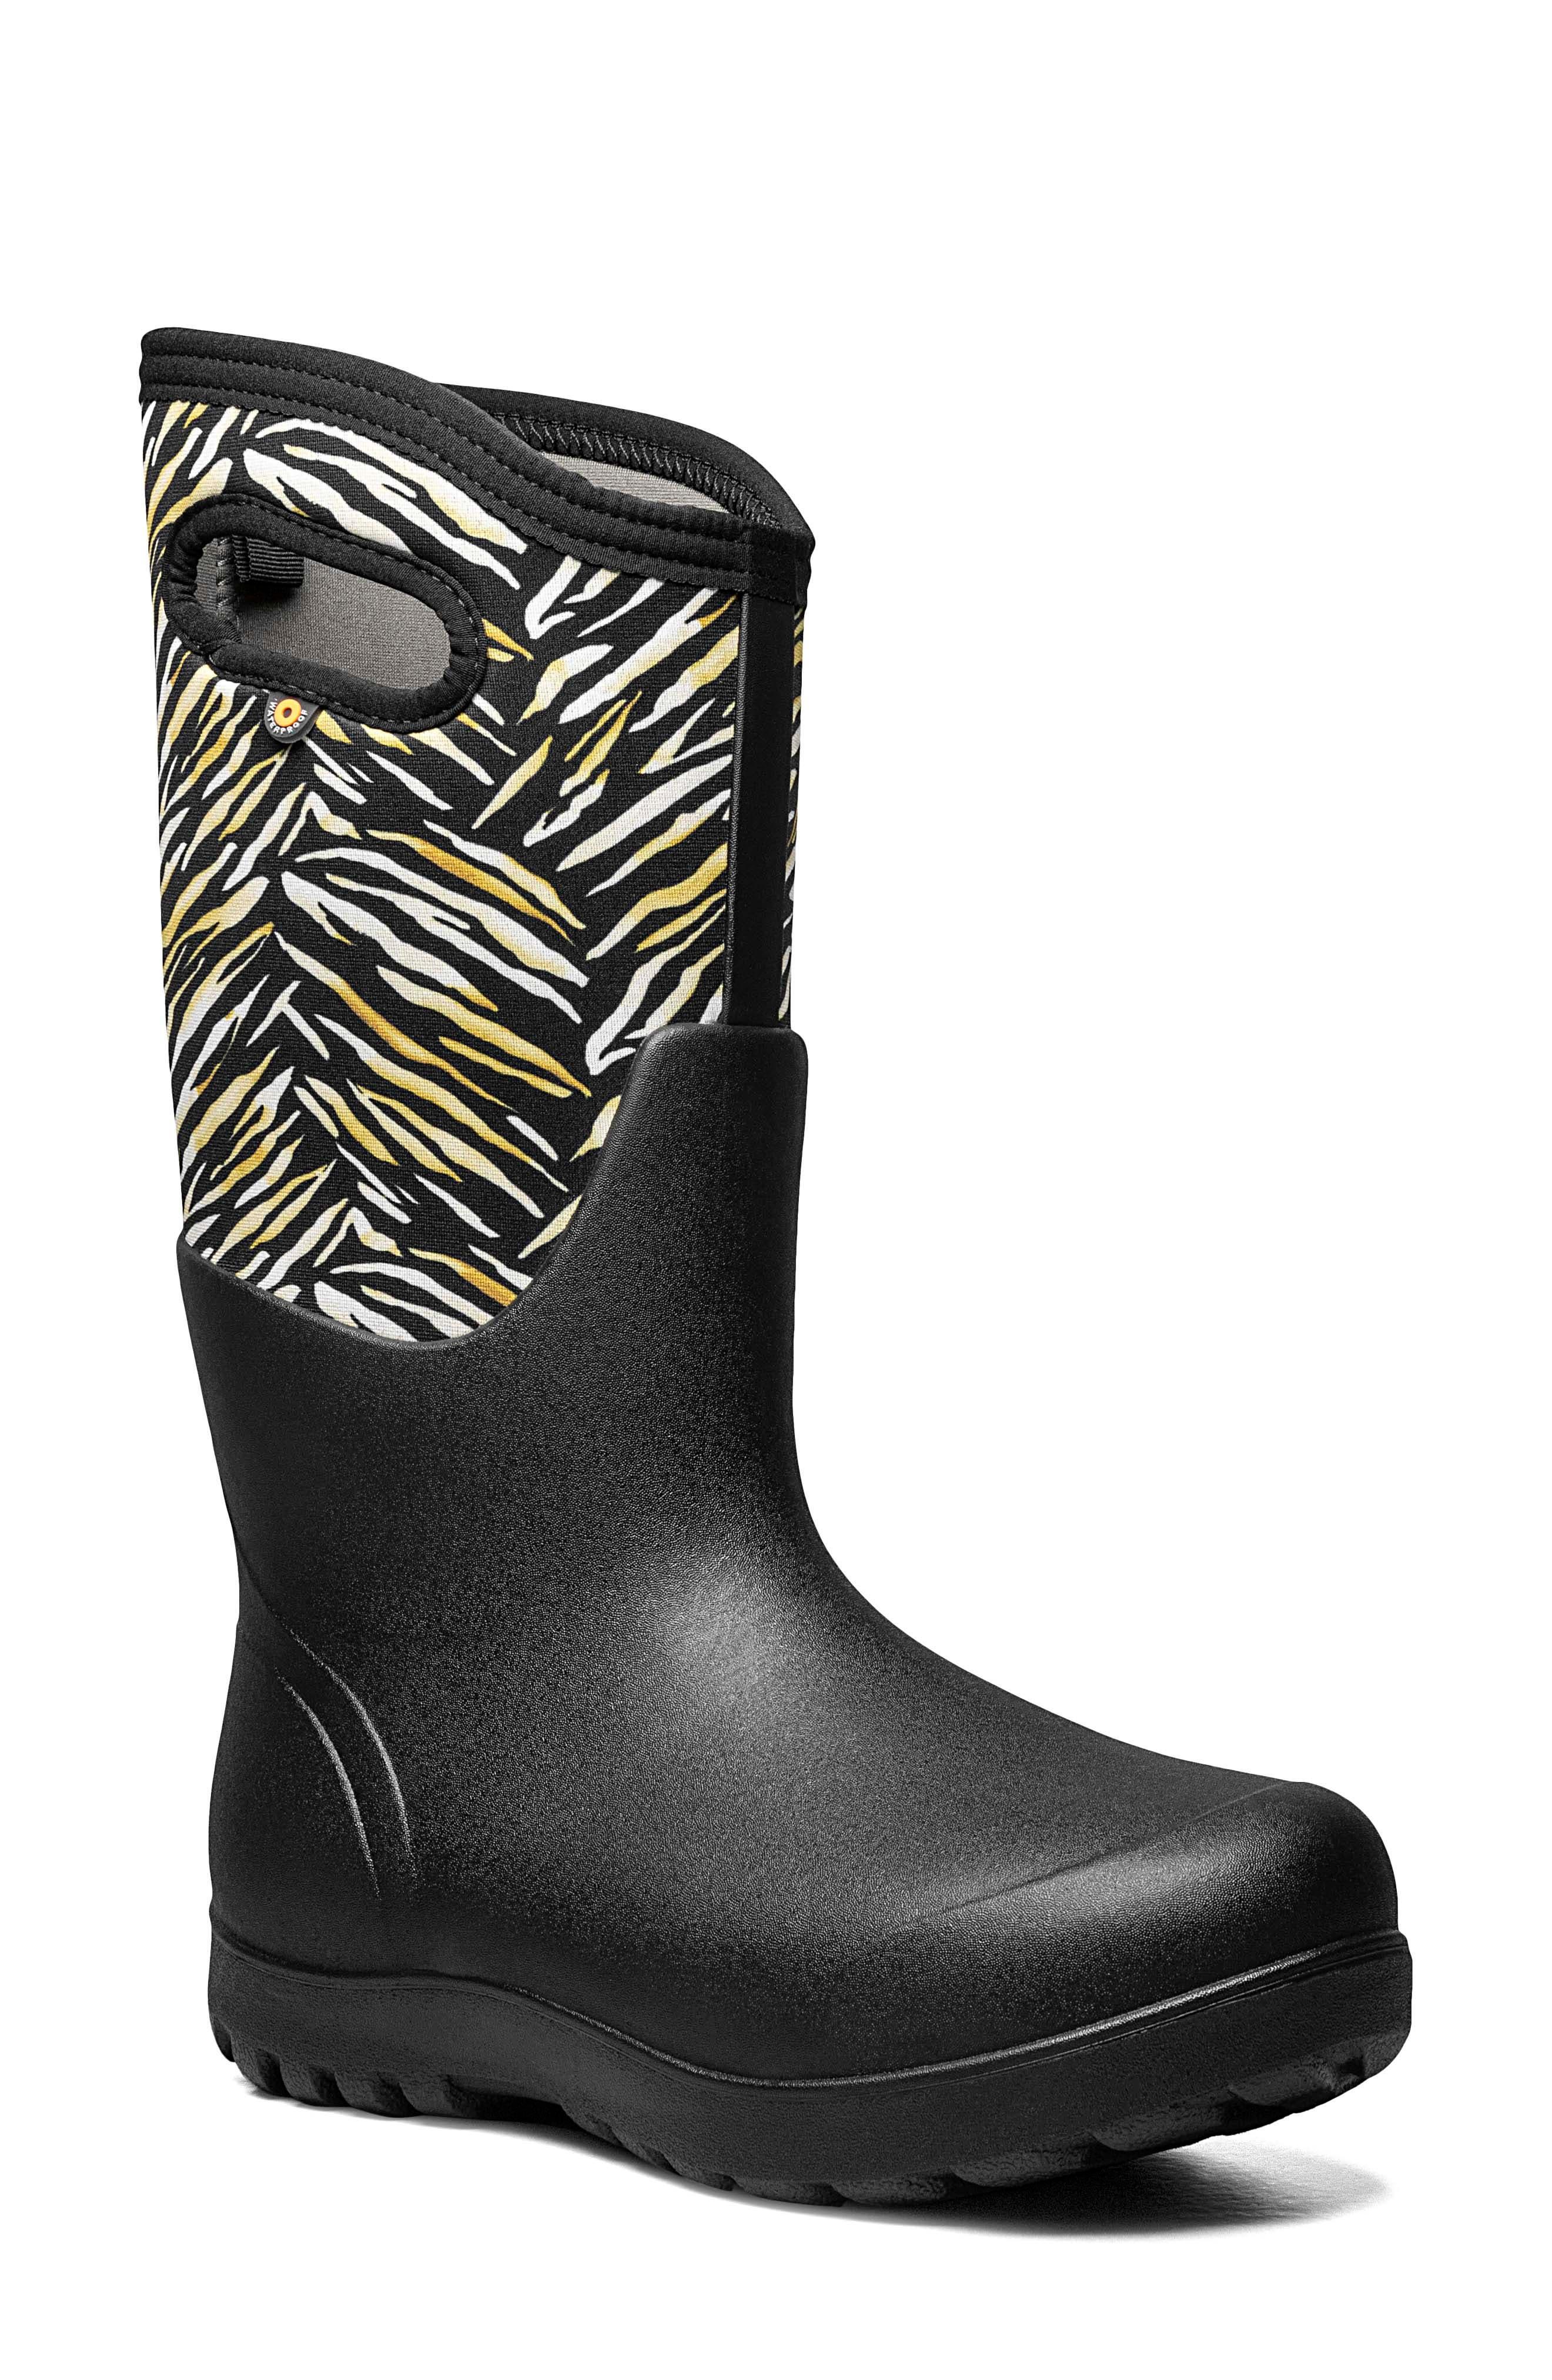 Neo Classic Tall Waterproof Rain Boot